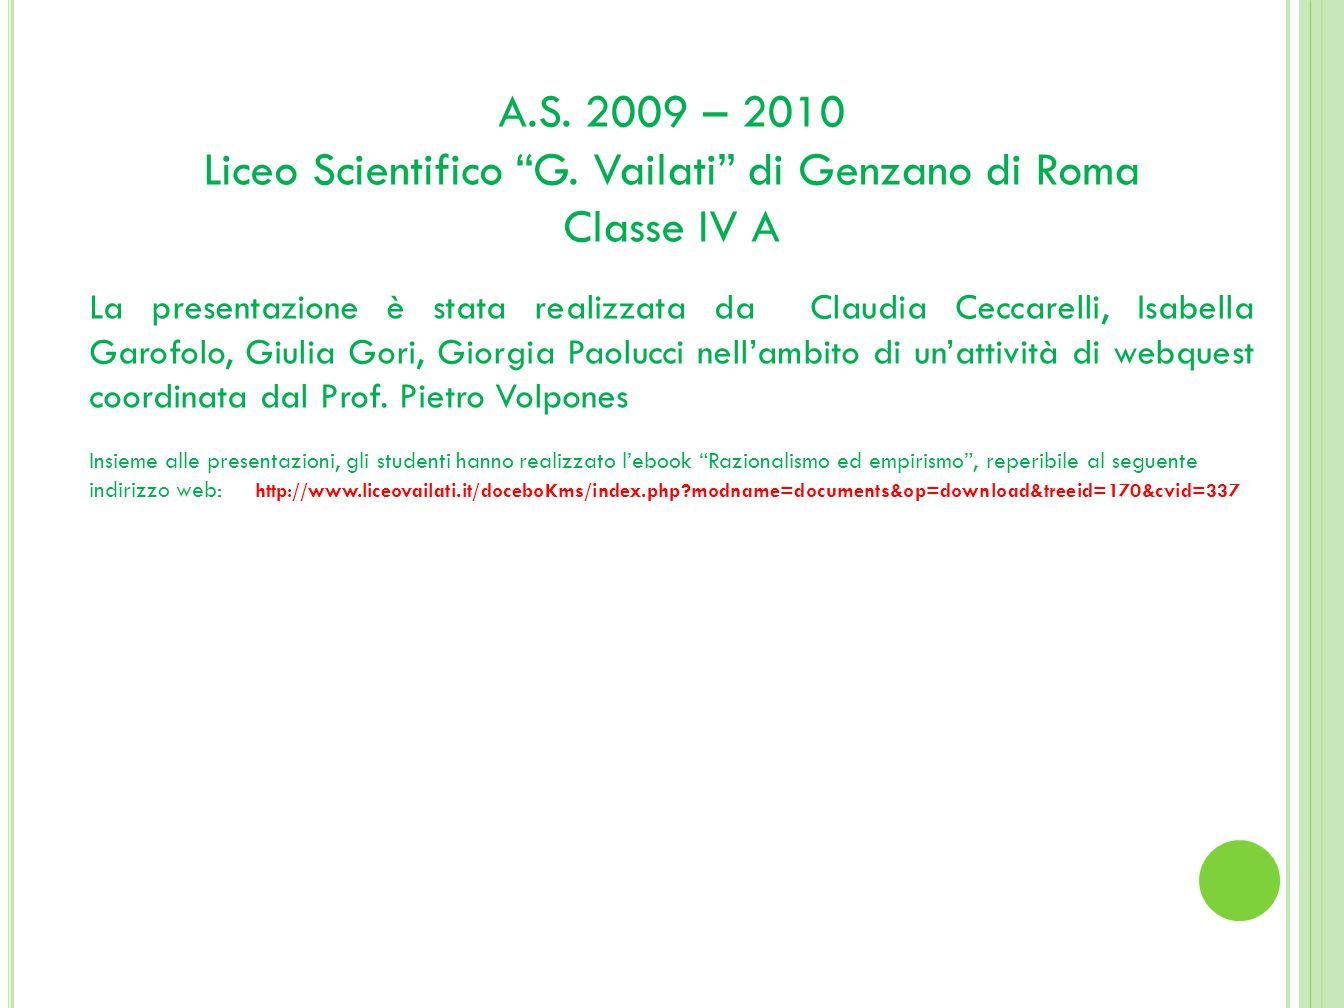 Liceo Scientifico G. Vailati di Genzano di Roma